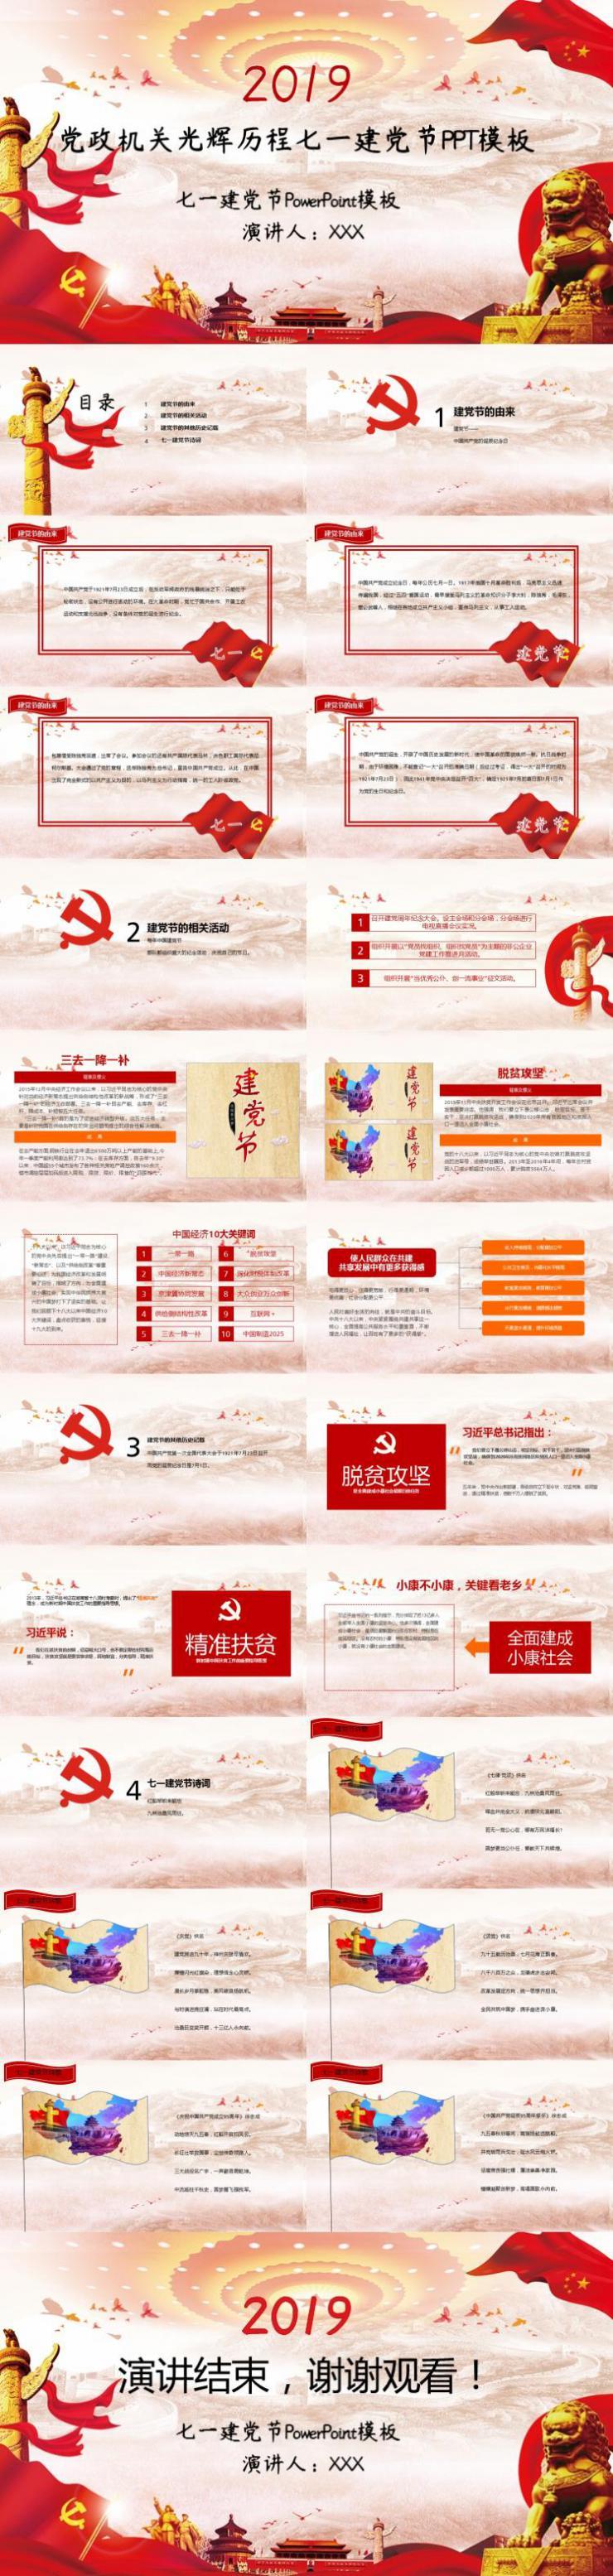 2019年党政机关光辉历程七一建党节PPT模板下载